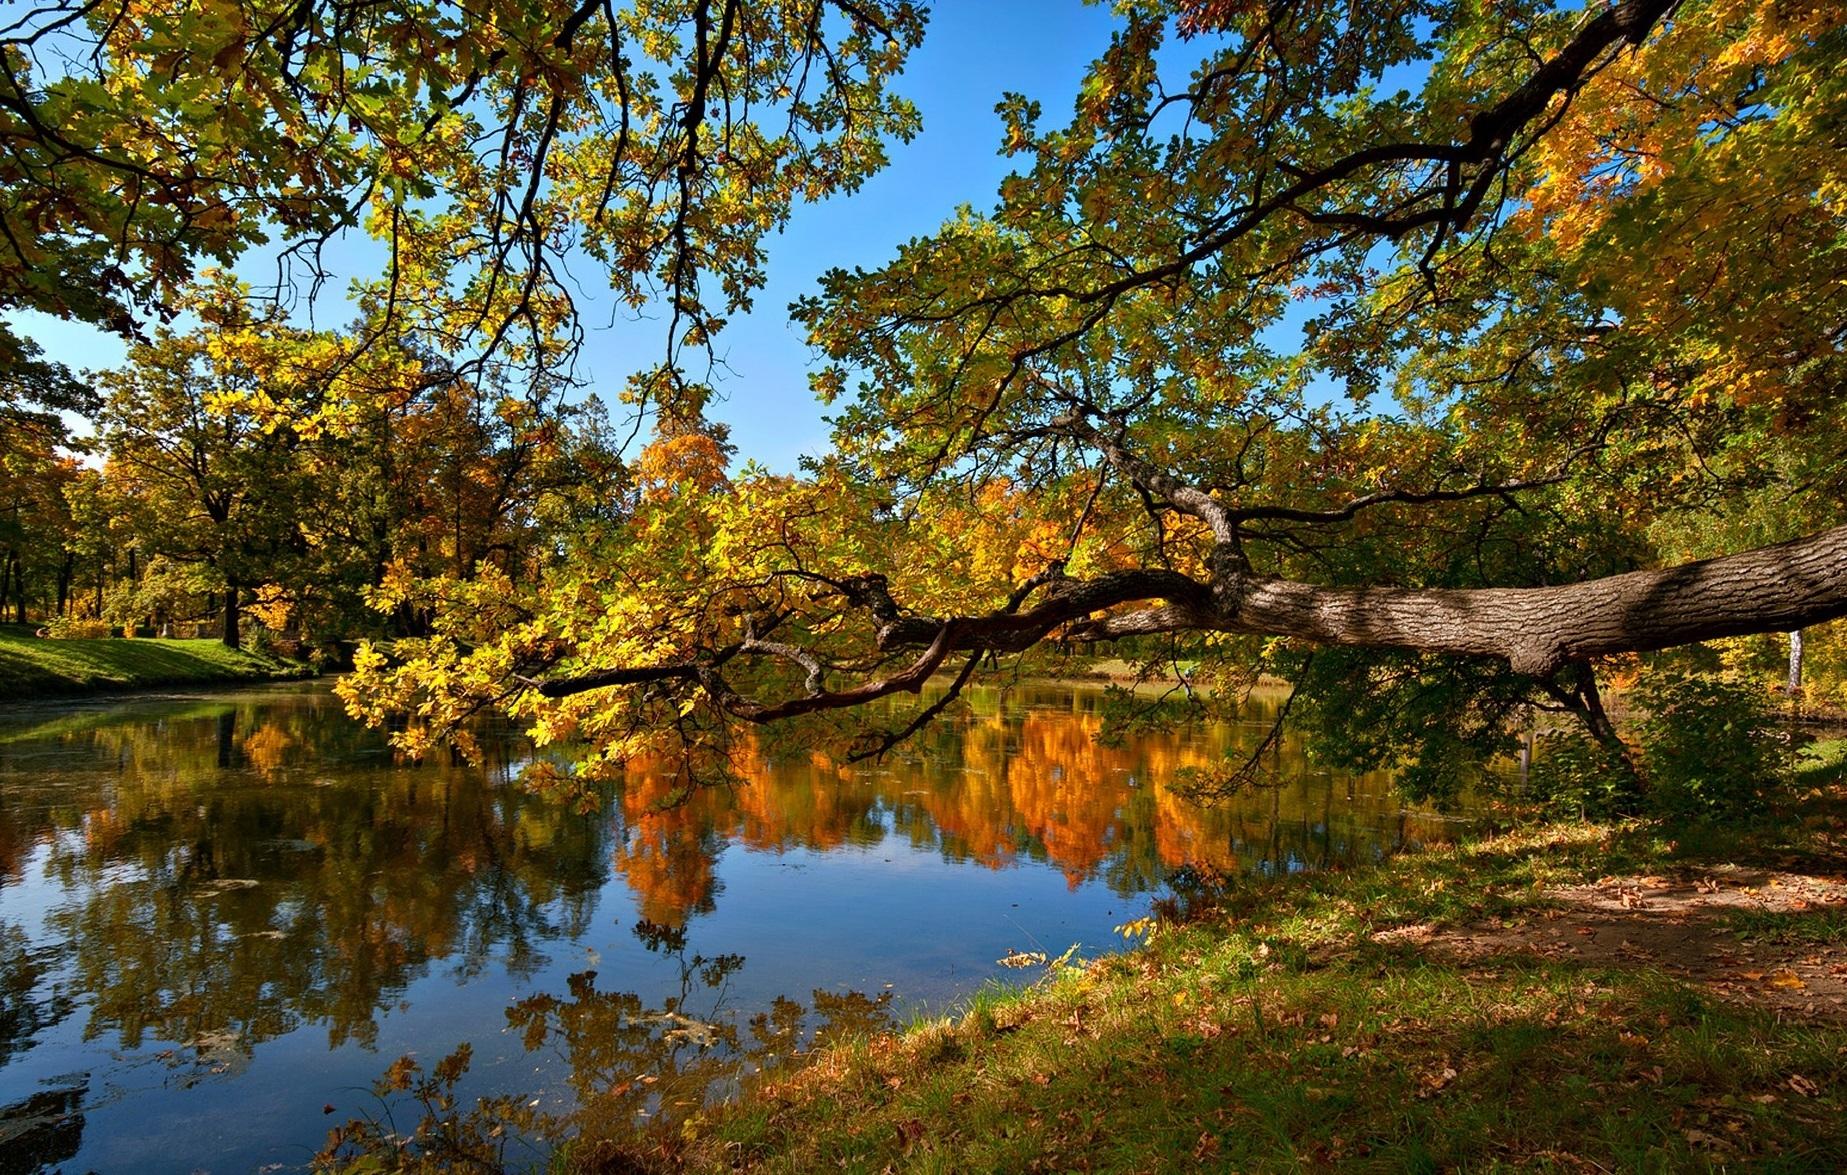 123065 скачать обои Осень, Природа, Пейзаж, Деревья, Пруд - заставки и картинки бесплатно